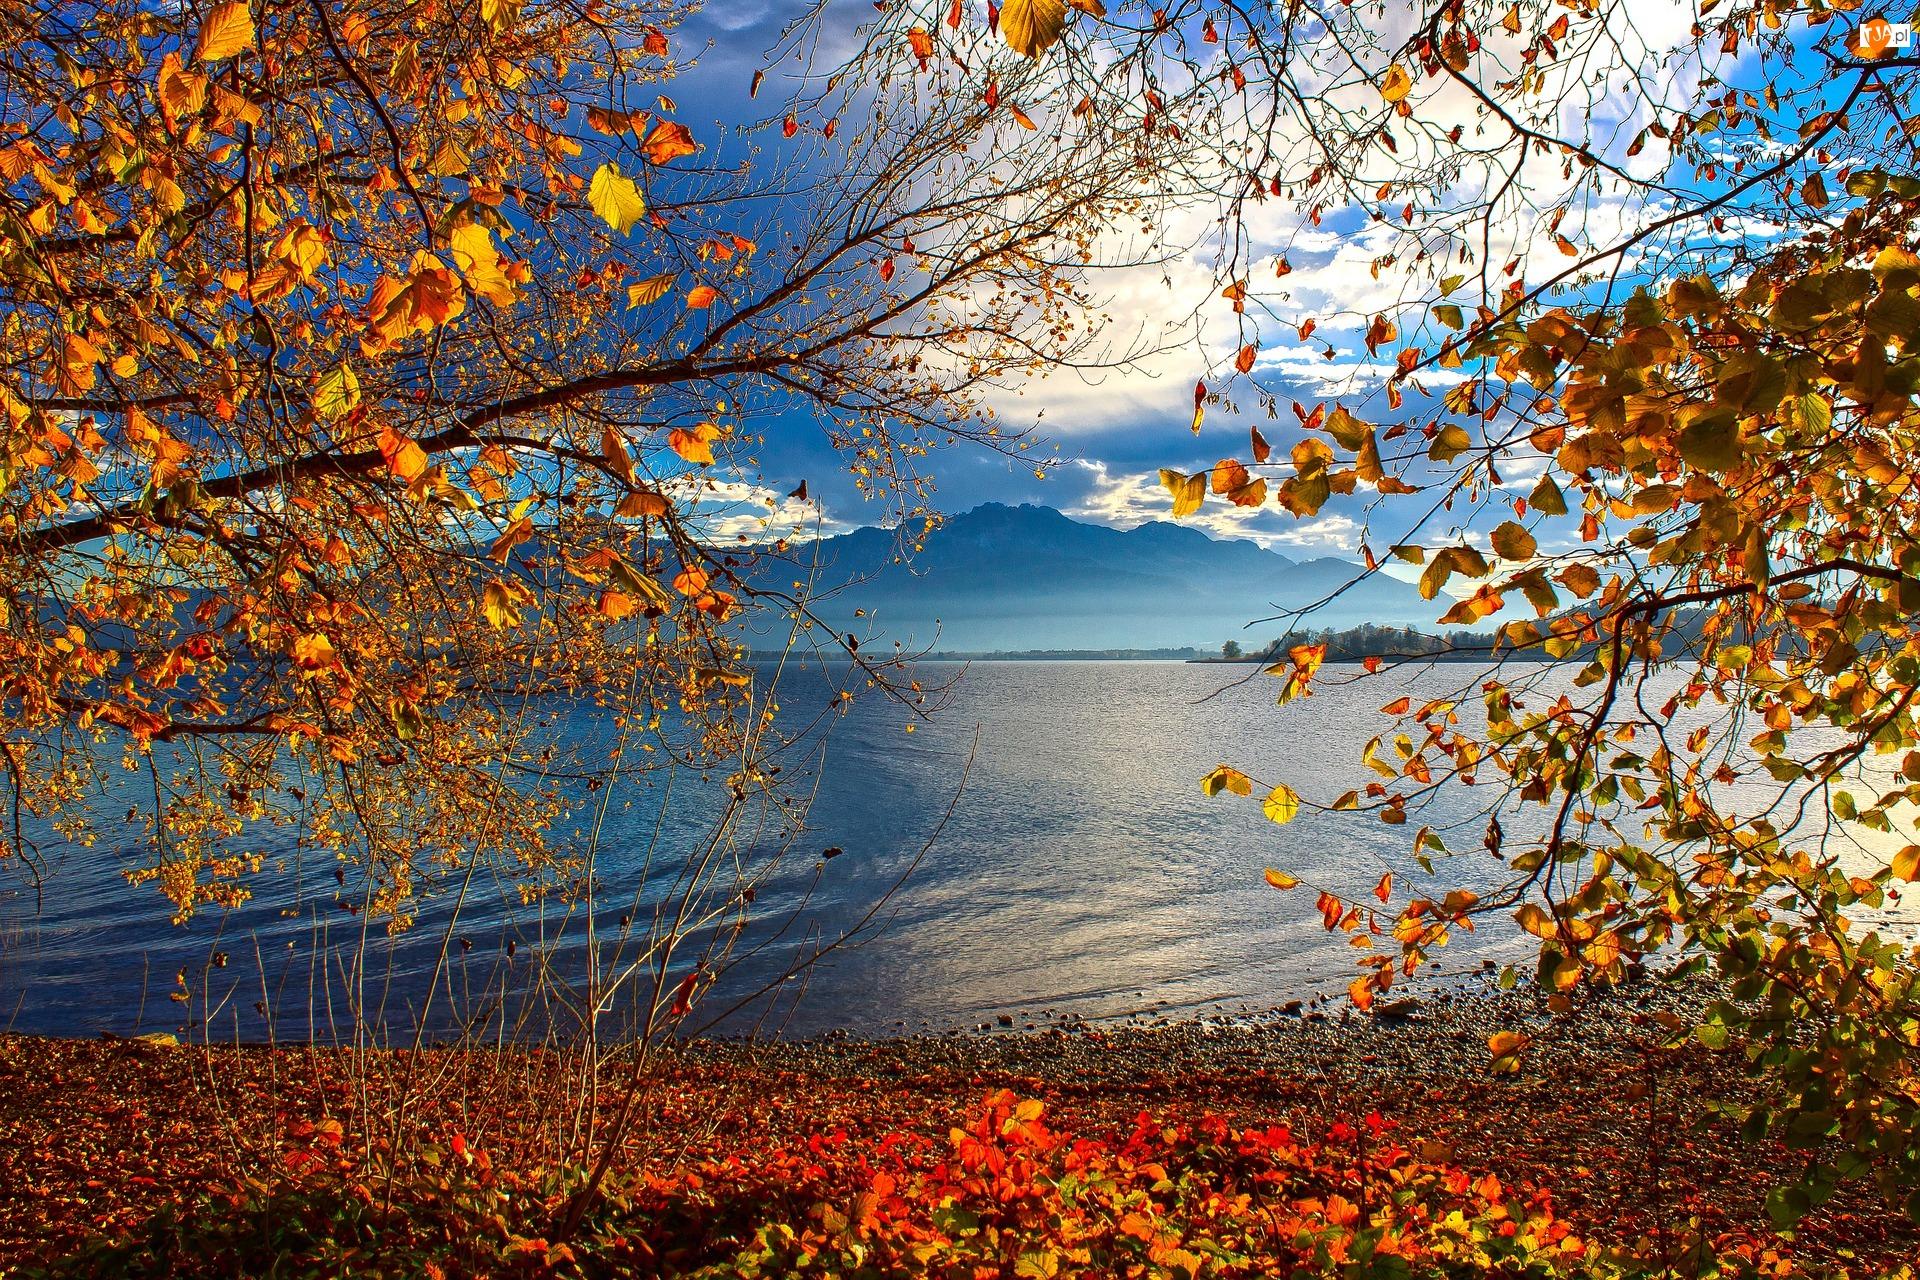 Drzewa, Jesień, Alpy Salzburskie, Niemcy, Jezioro Chiemsee, Bawaria